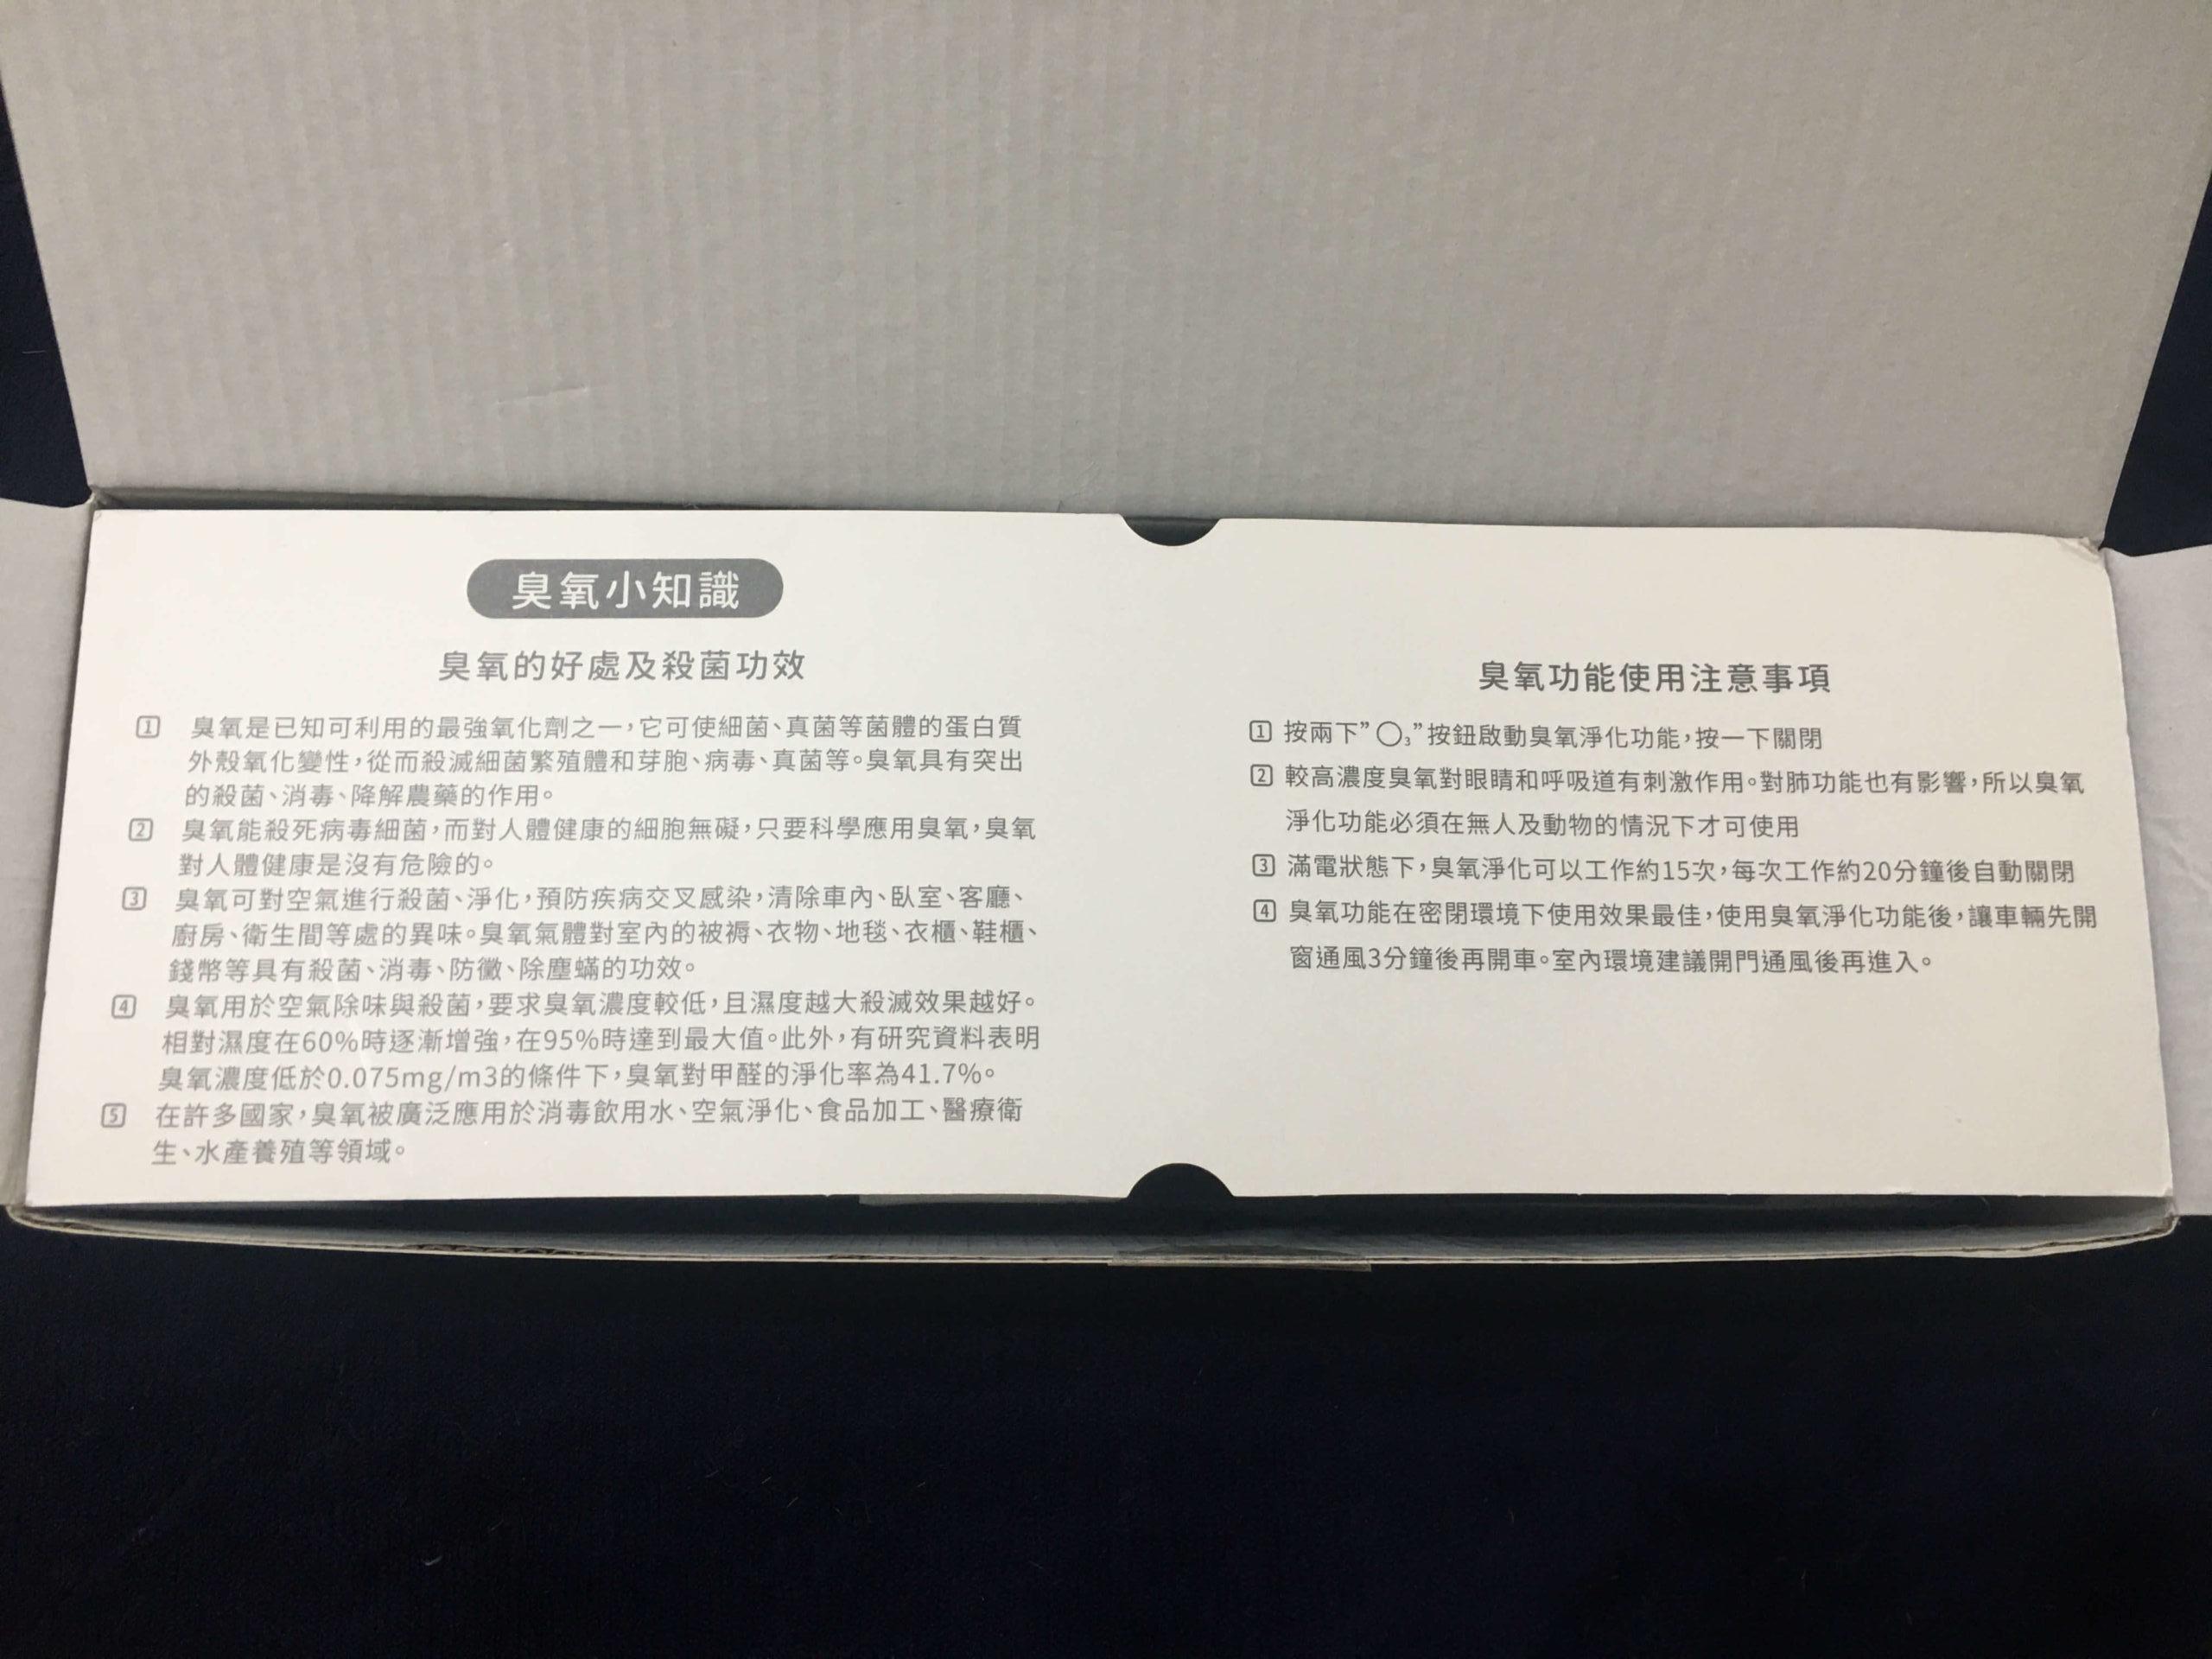 Jway貓咪空氣清淨機-開箱